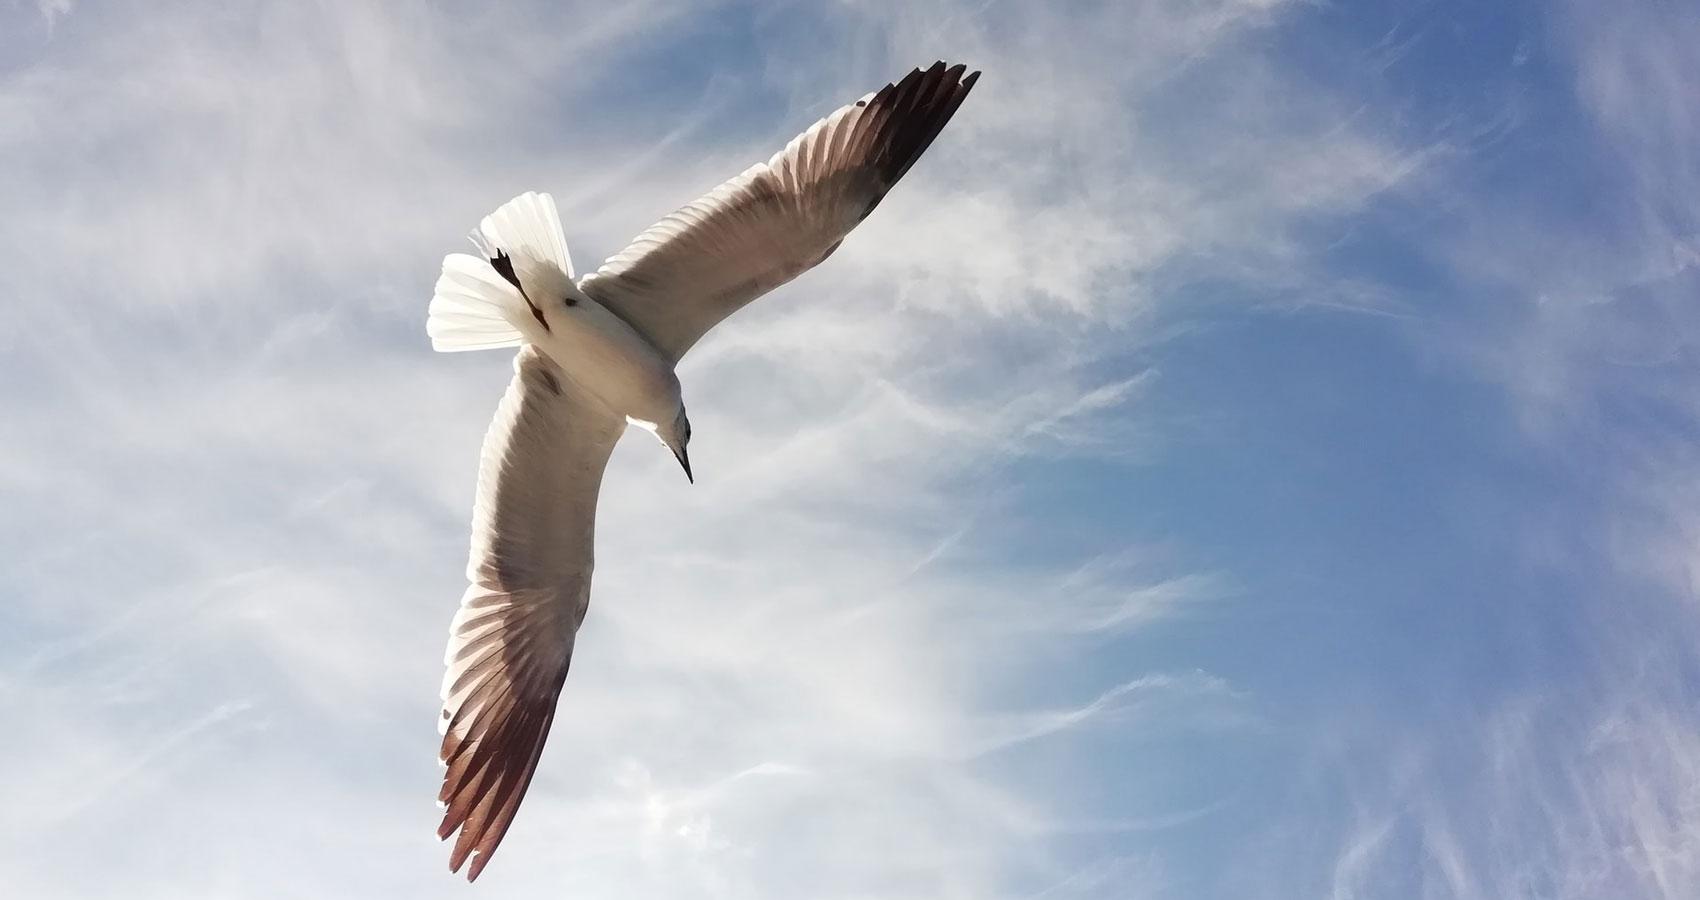 Life As An Albatross, short story written by Karen Bayly at Spillwords.com